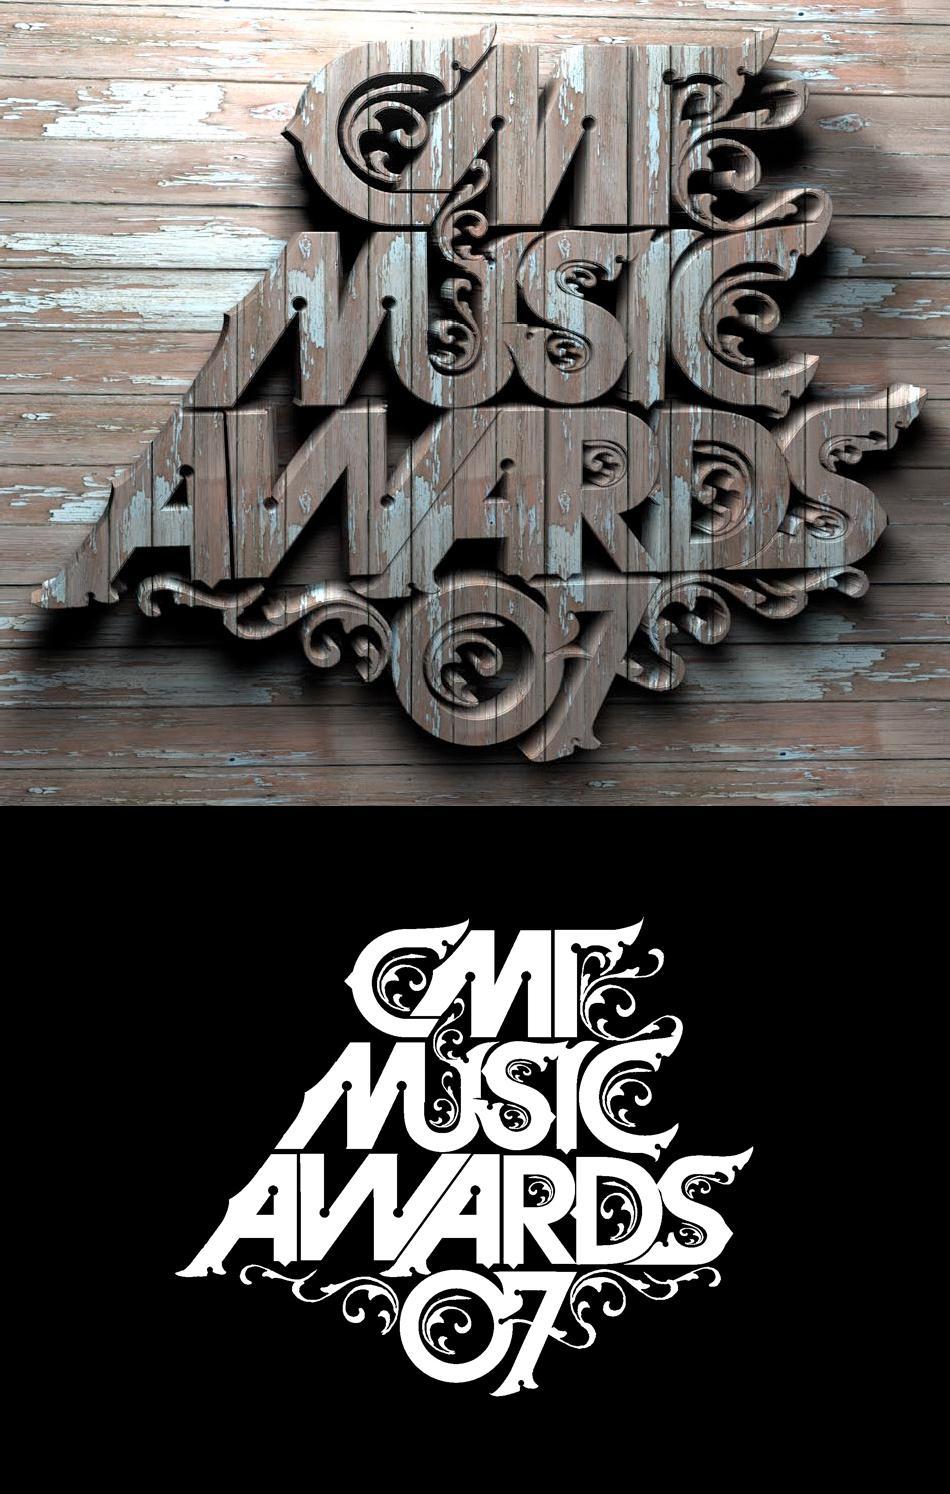 Toutes les tailles | CMT Music Awards 2007 | Flickr: partage de photos!